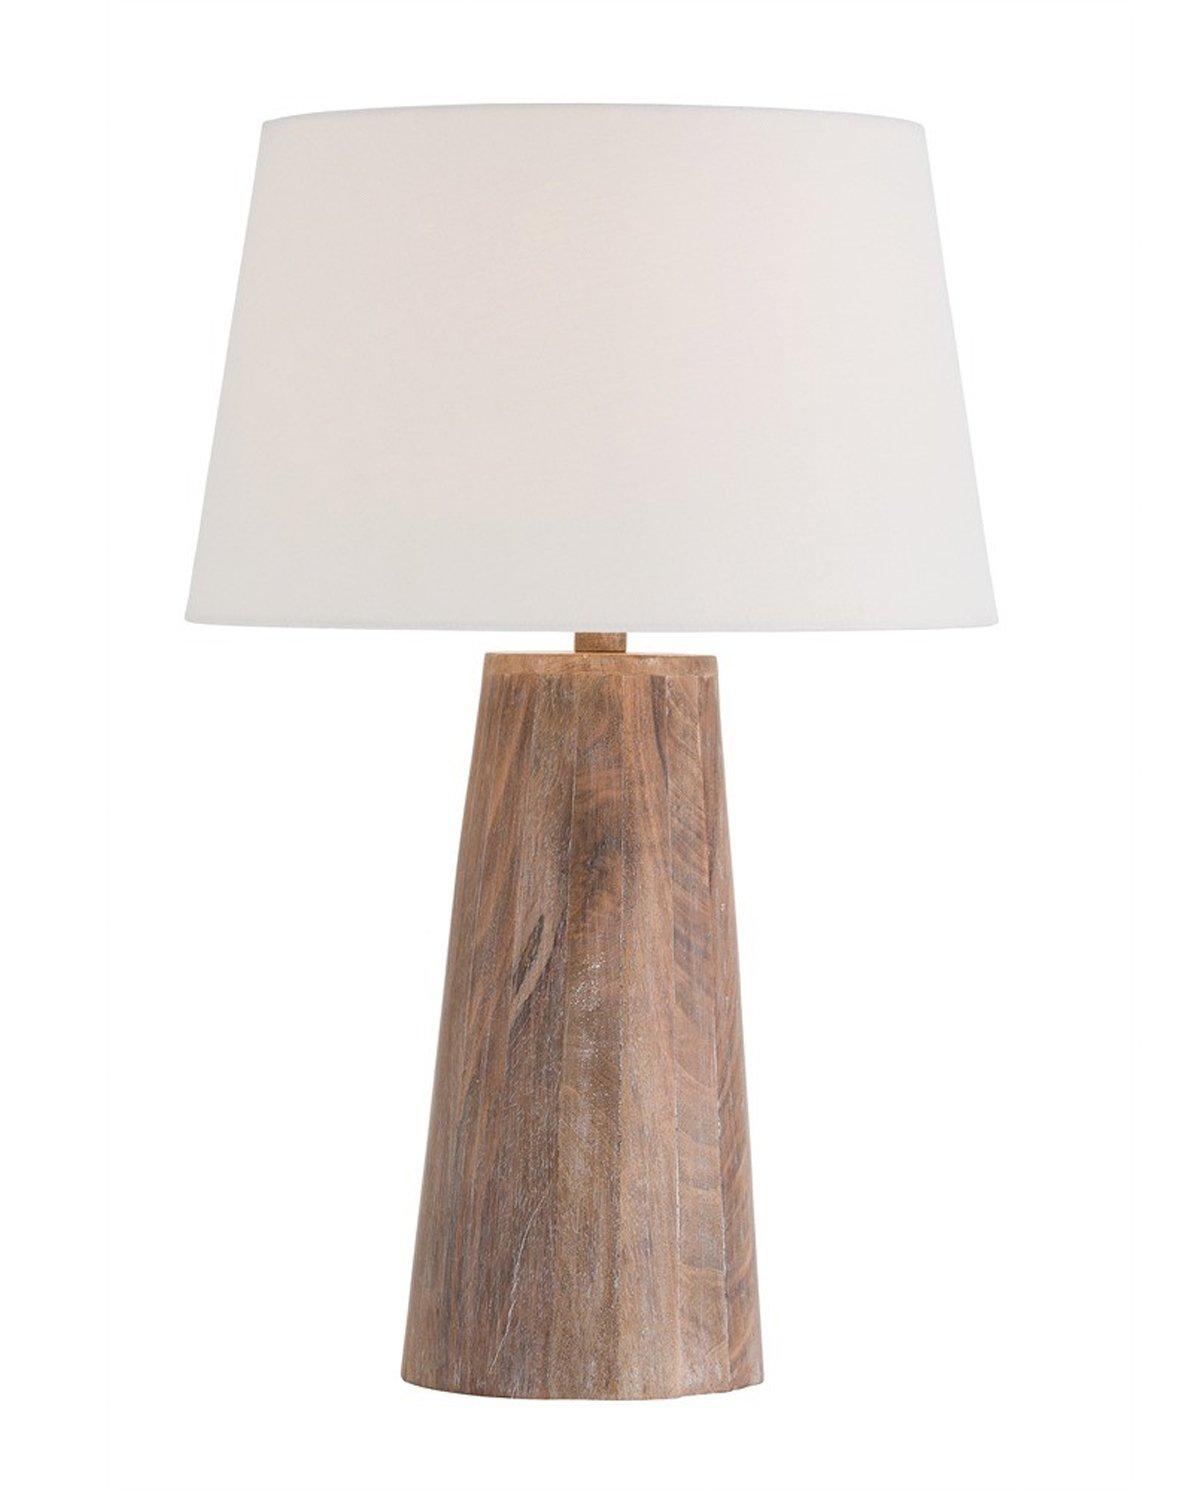 Jaden_Table_Lamp_1.jpg